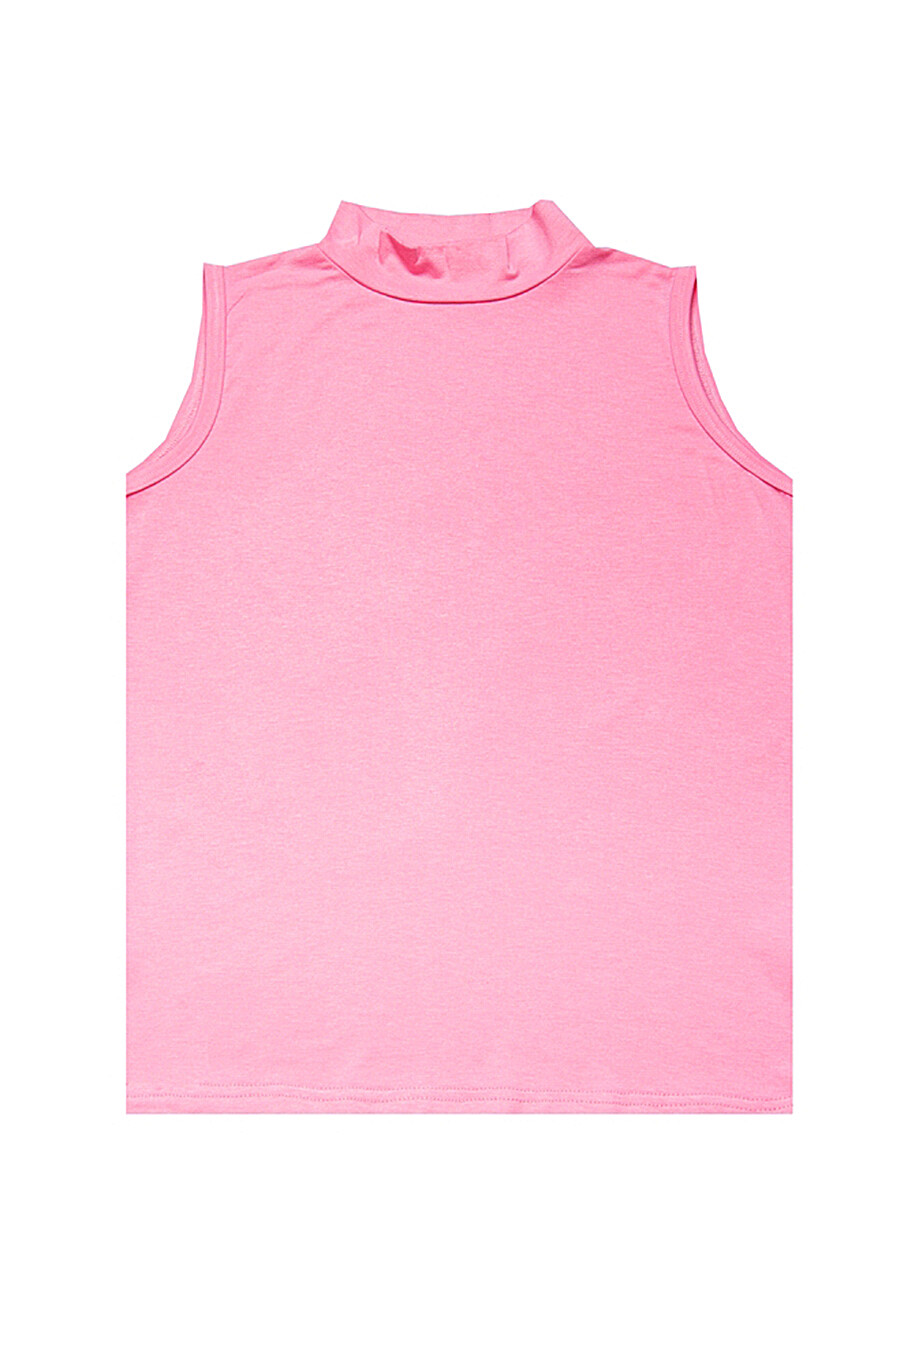 Джемпер для женщин Archi 131481 купить оптом от производителя. Совместная покупка женской одежды в OptMoyo